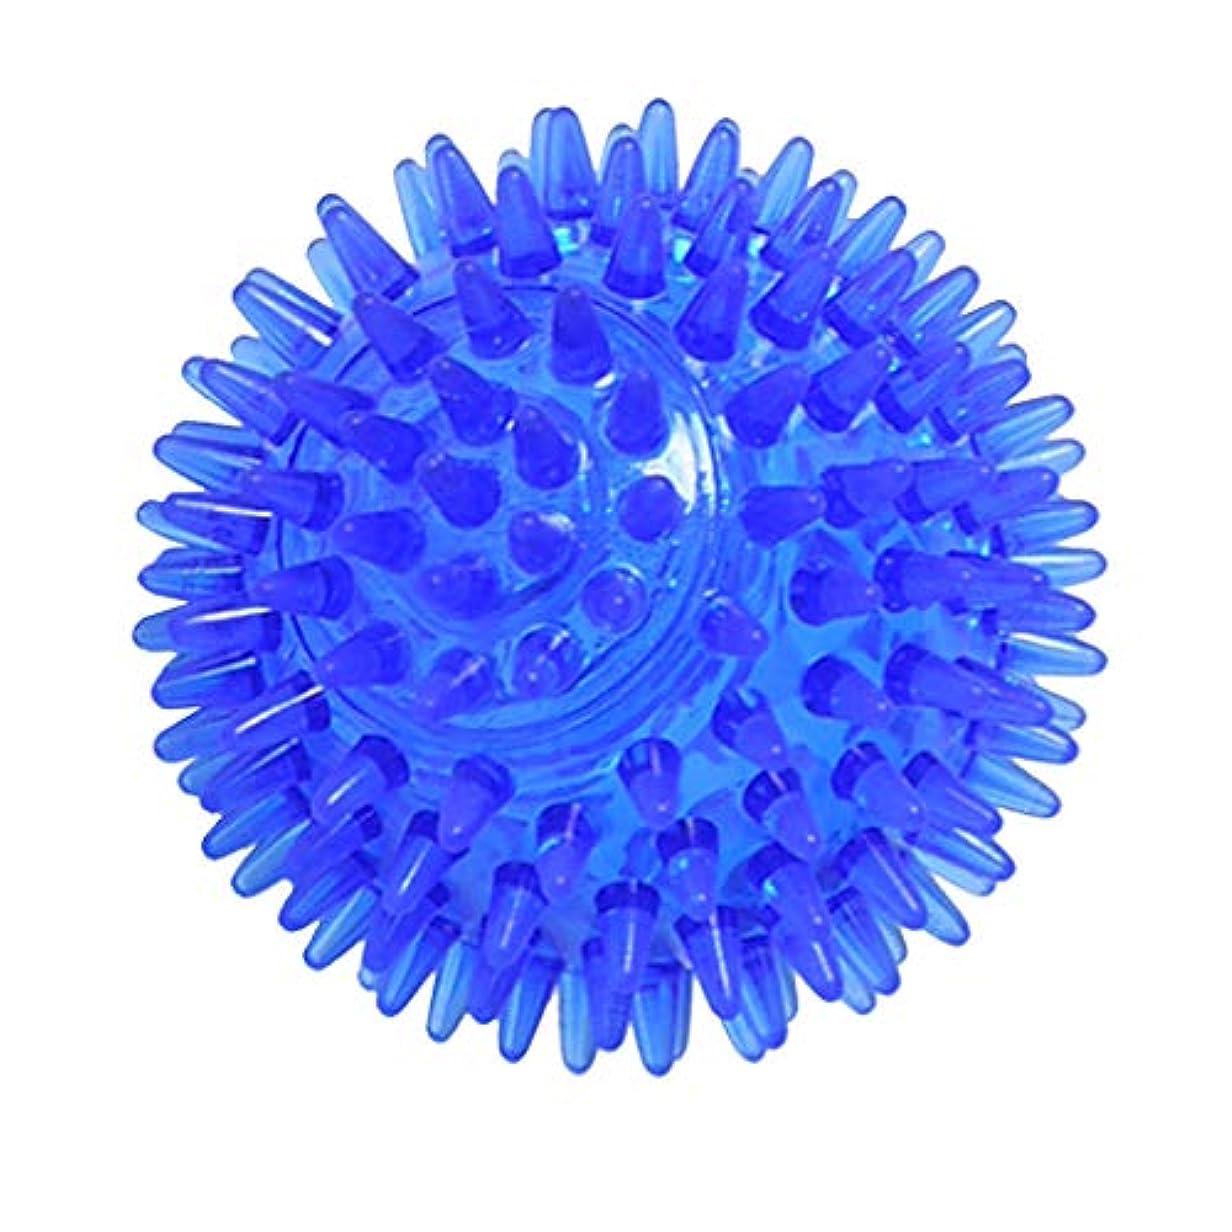 黙認する船乗り消費マッサージボール ヨガボール 3サイズ選べ - 青, 7cm